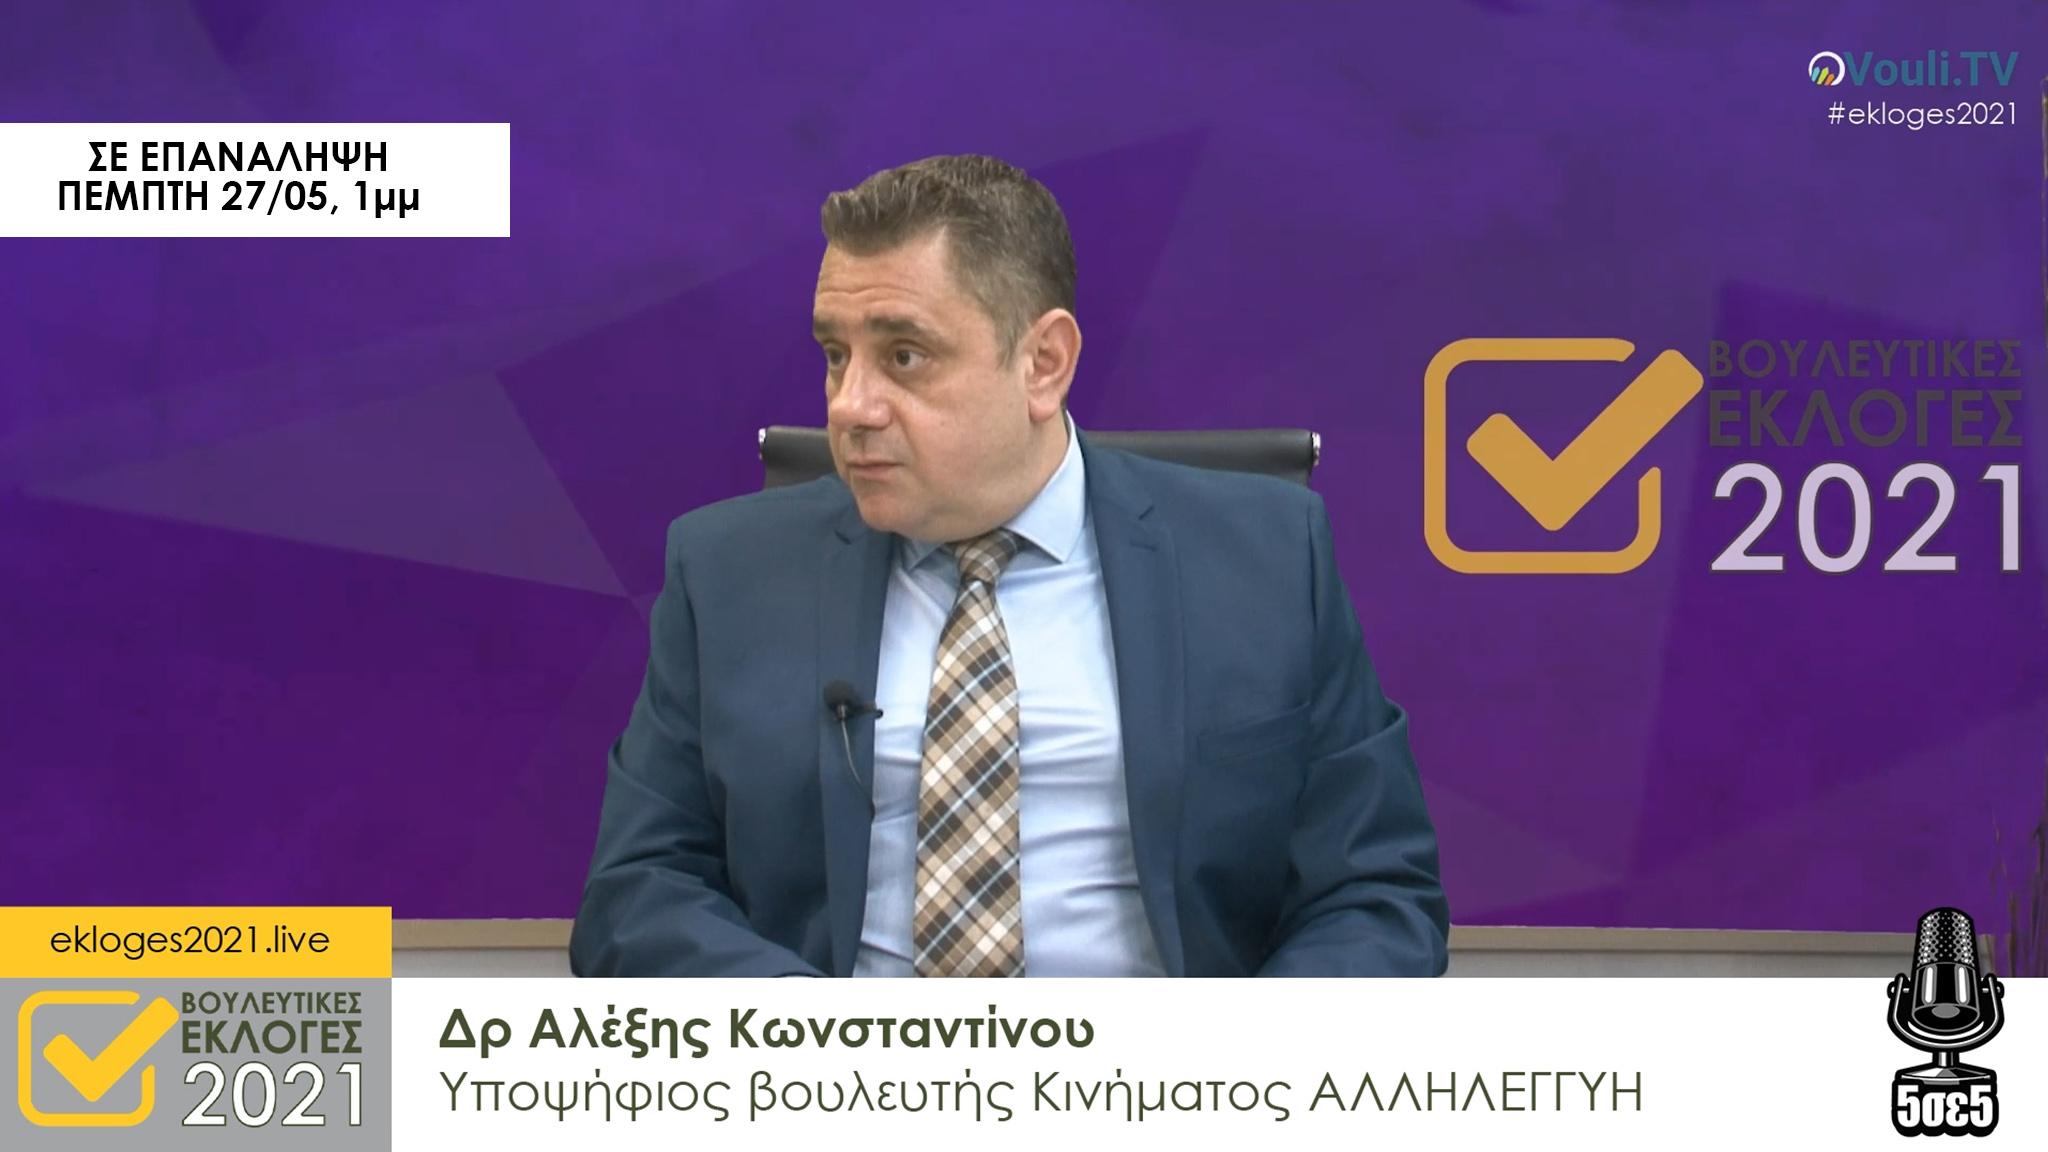 Σε επανάληψη | Εκλογές 2021 | Δρ. Αλέξης Κωνσταντίνου Πέμπτη 27/05, 1μμ